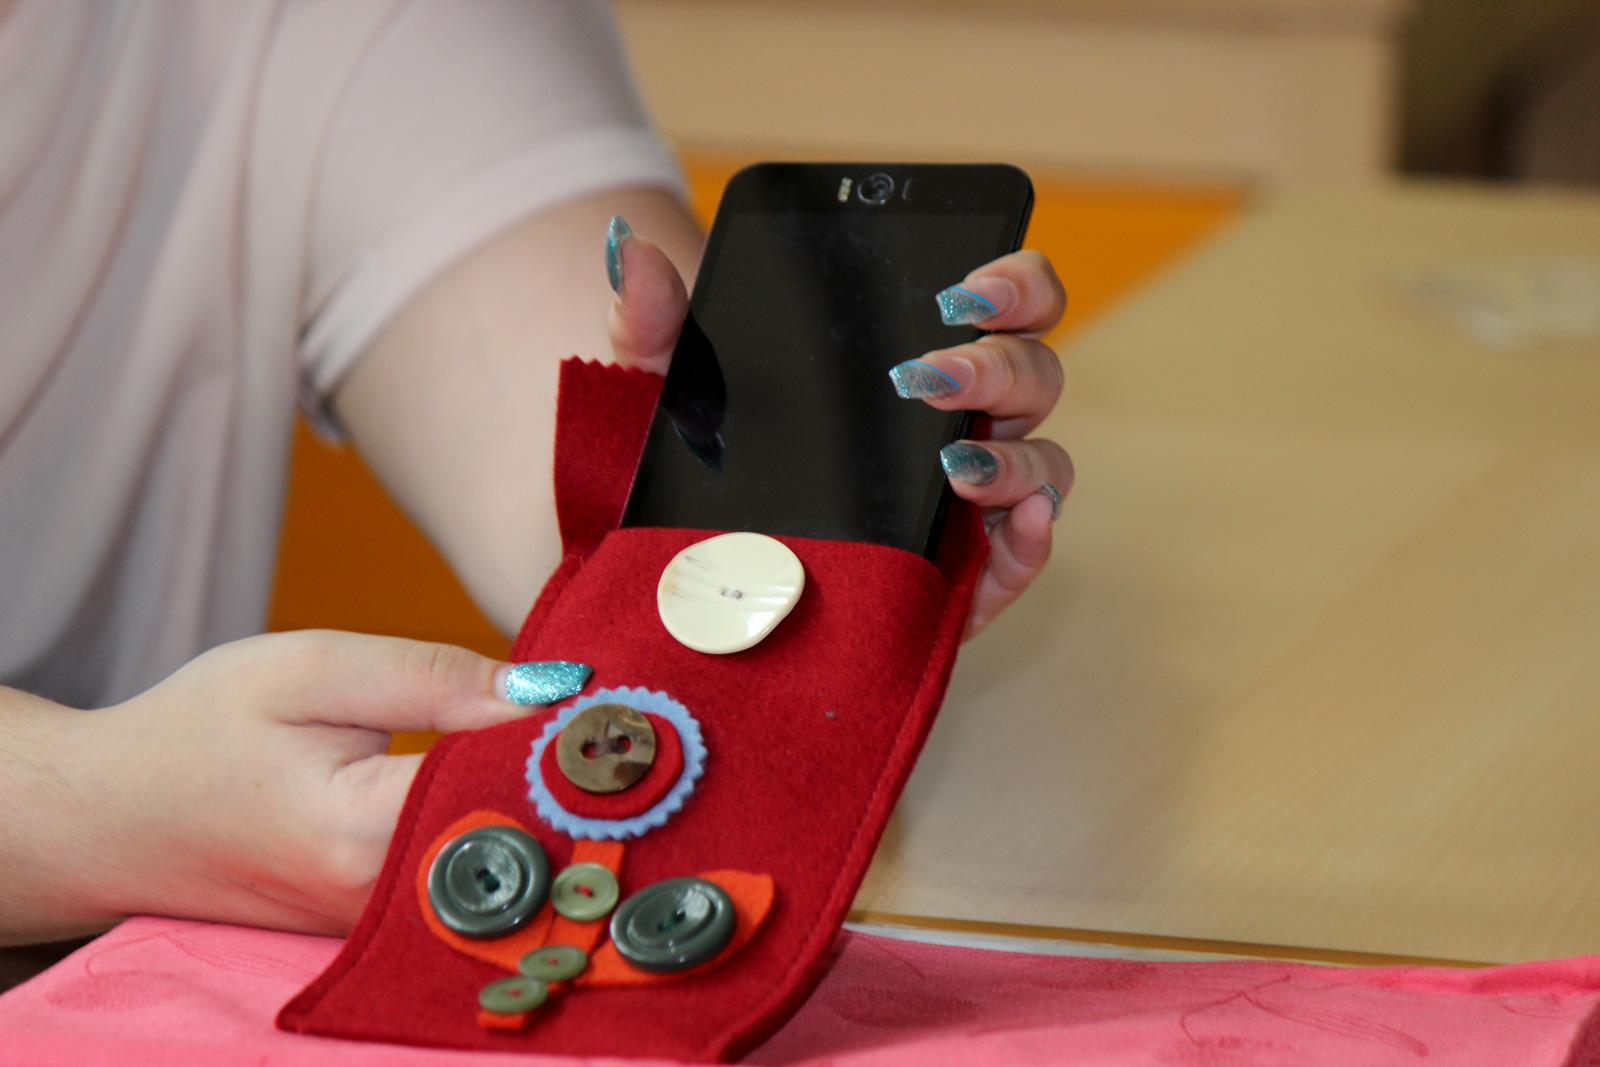 Mit viel Geschick fertigen die Schüler Karten, Taschen oder Armbänder und üben dabei lebenspraktische Fertigkeiten, wie das Annähen von Knöpfen.